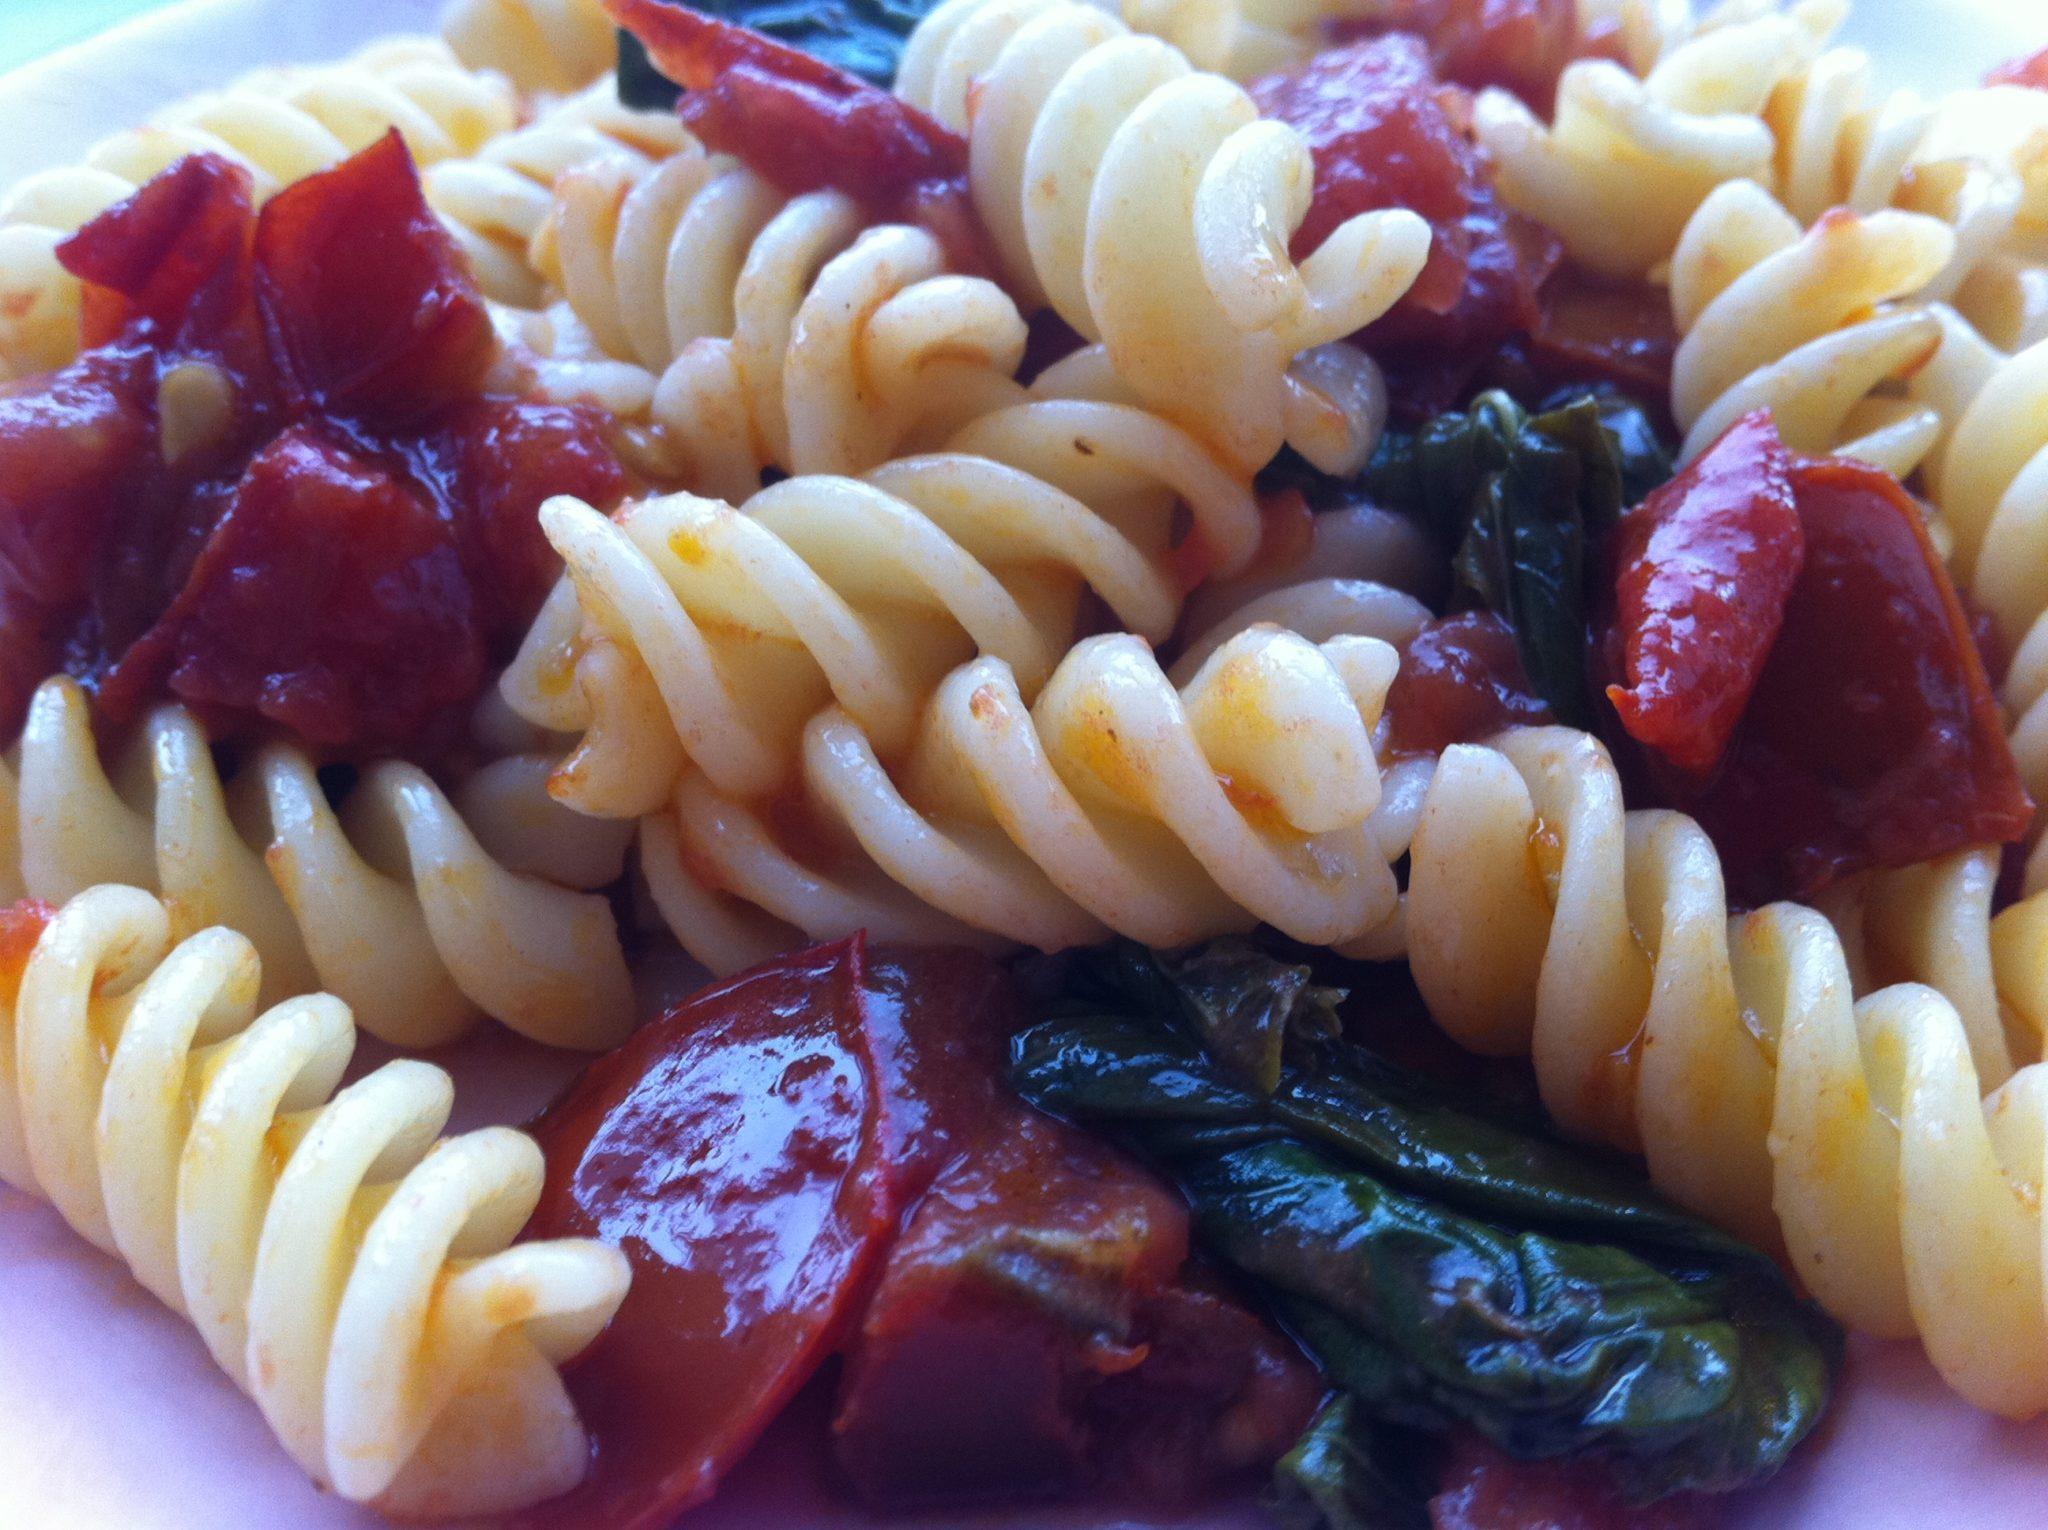 Итальянская паста (макароны фузилли) с томатами и базиликом - простой рецепт